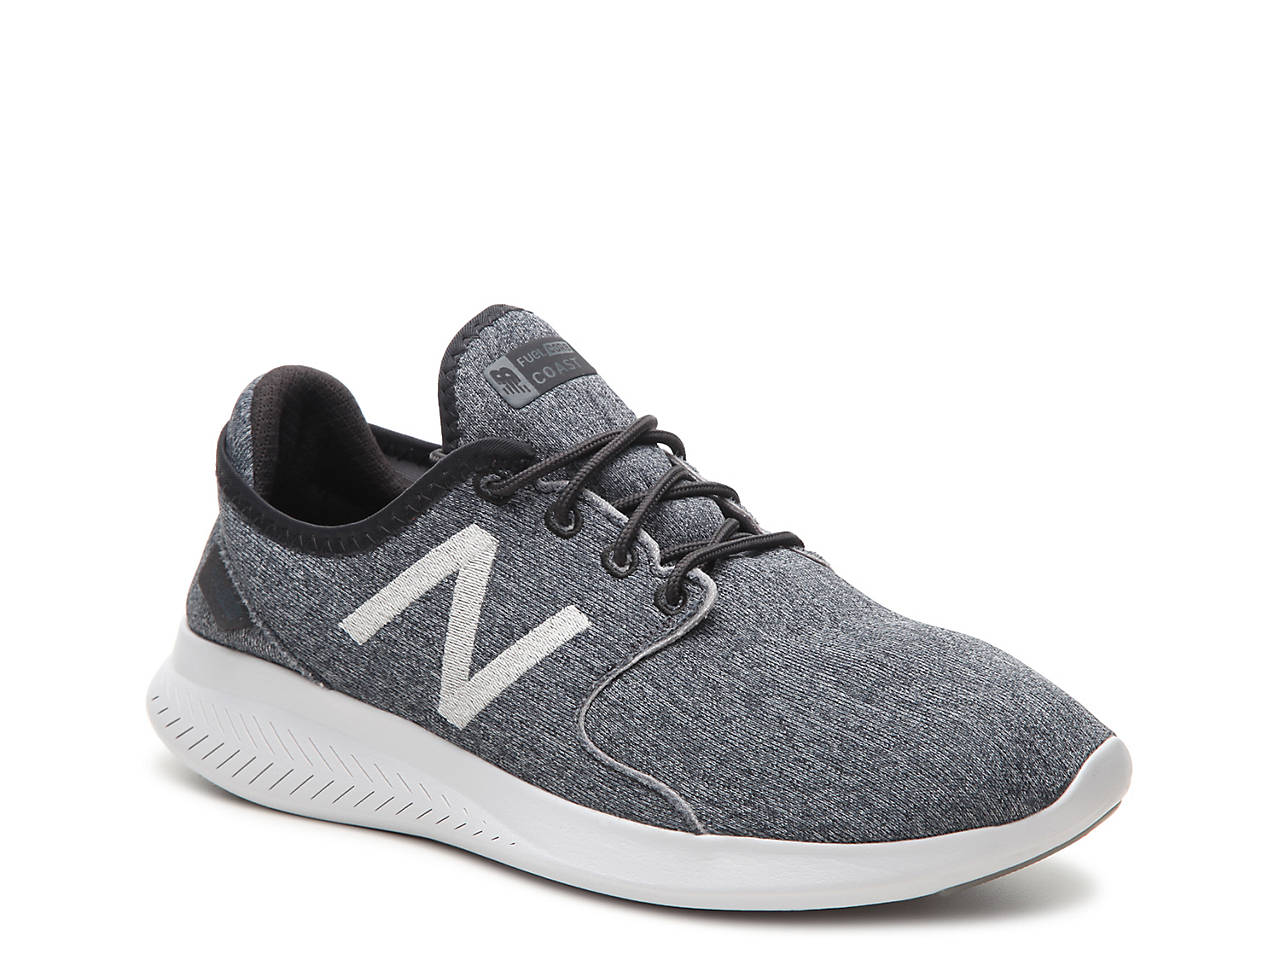 2ff022dd8ba9 New Balance FuelCore Coast Sneaker - Women s Women s Shoes